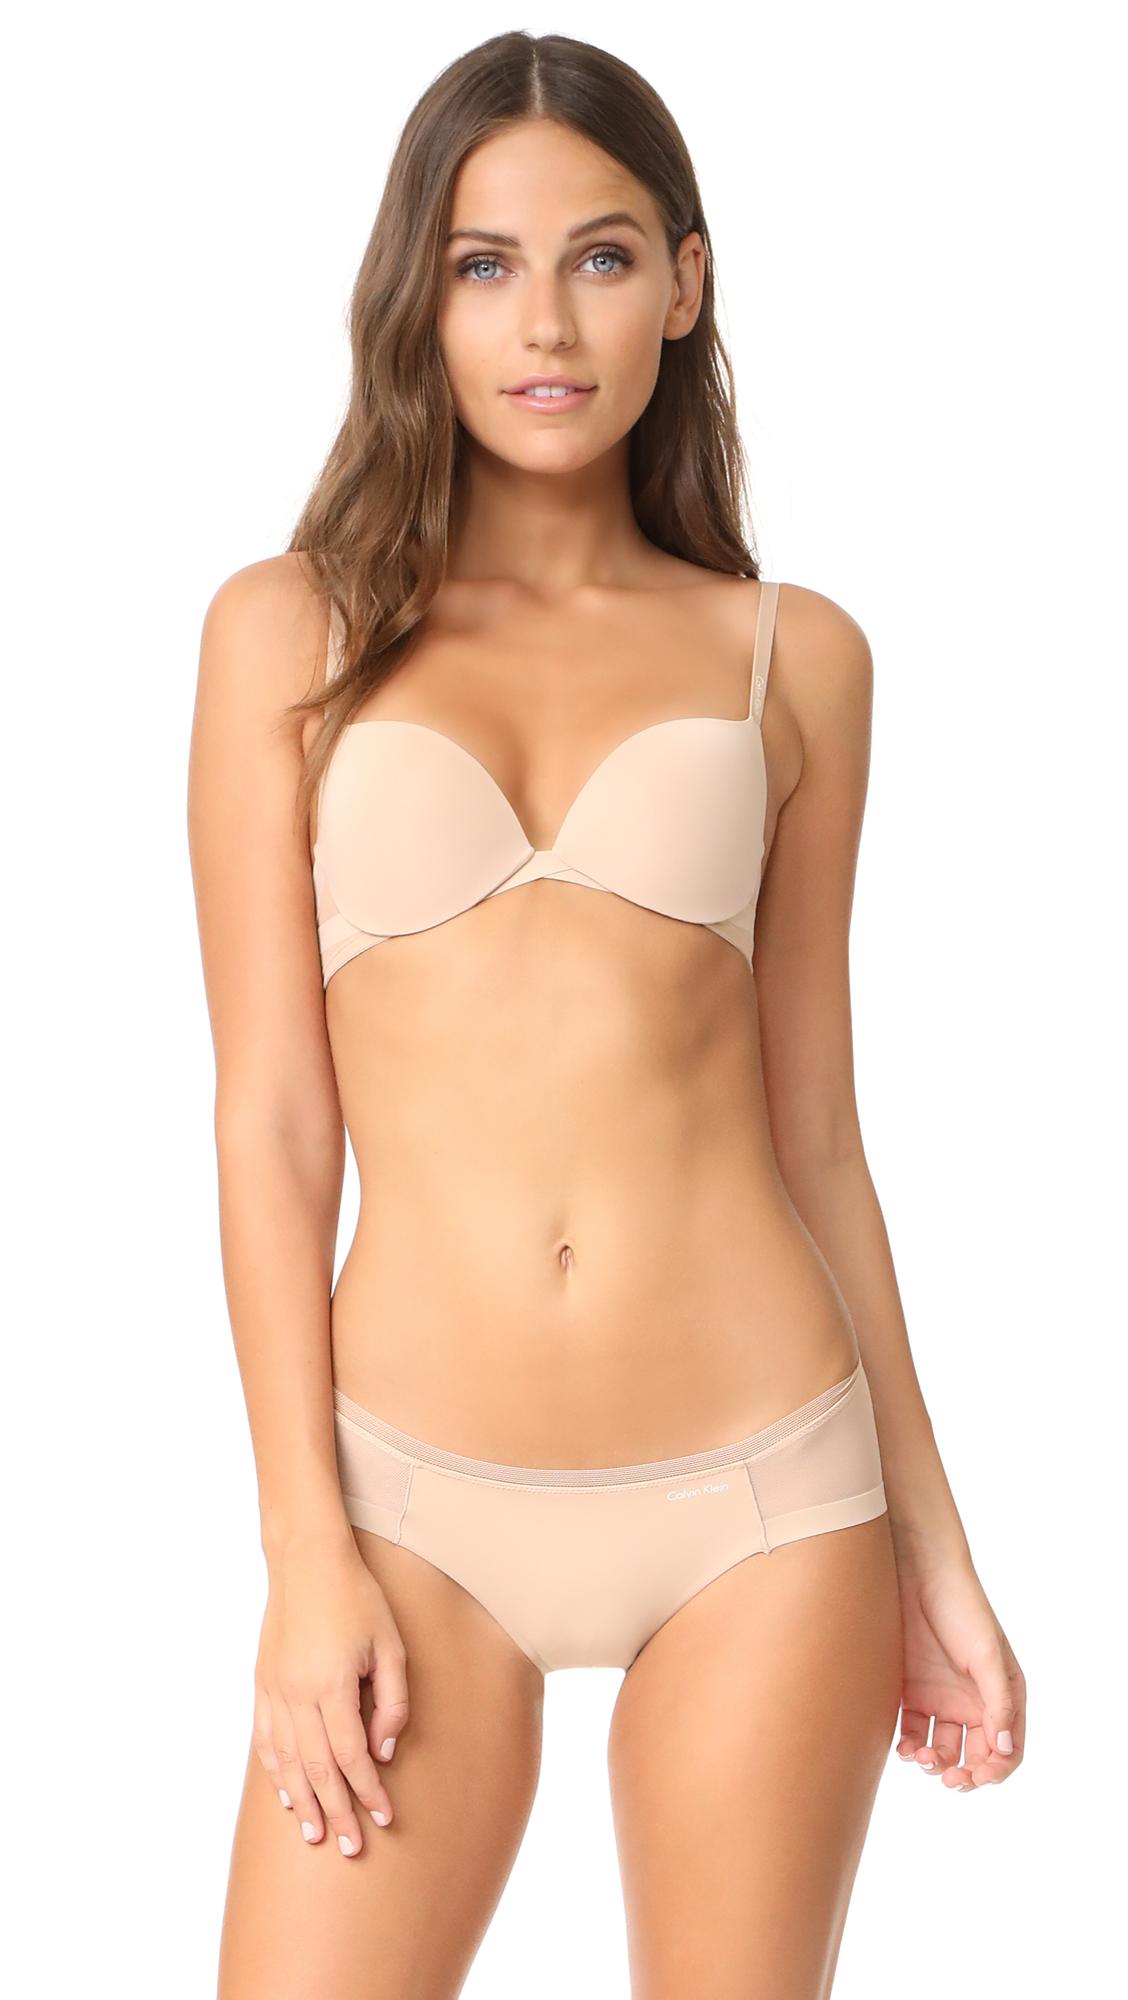 288c860b21079 Calvin Klein Underwear Sculpted Plunge Push Up Bra In Bare ...